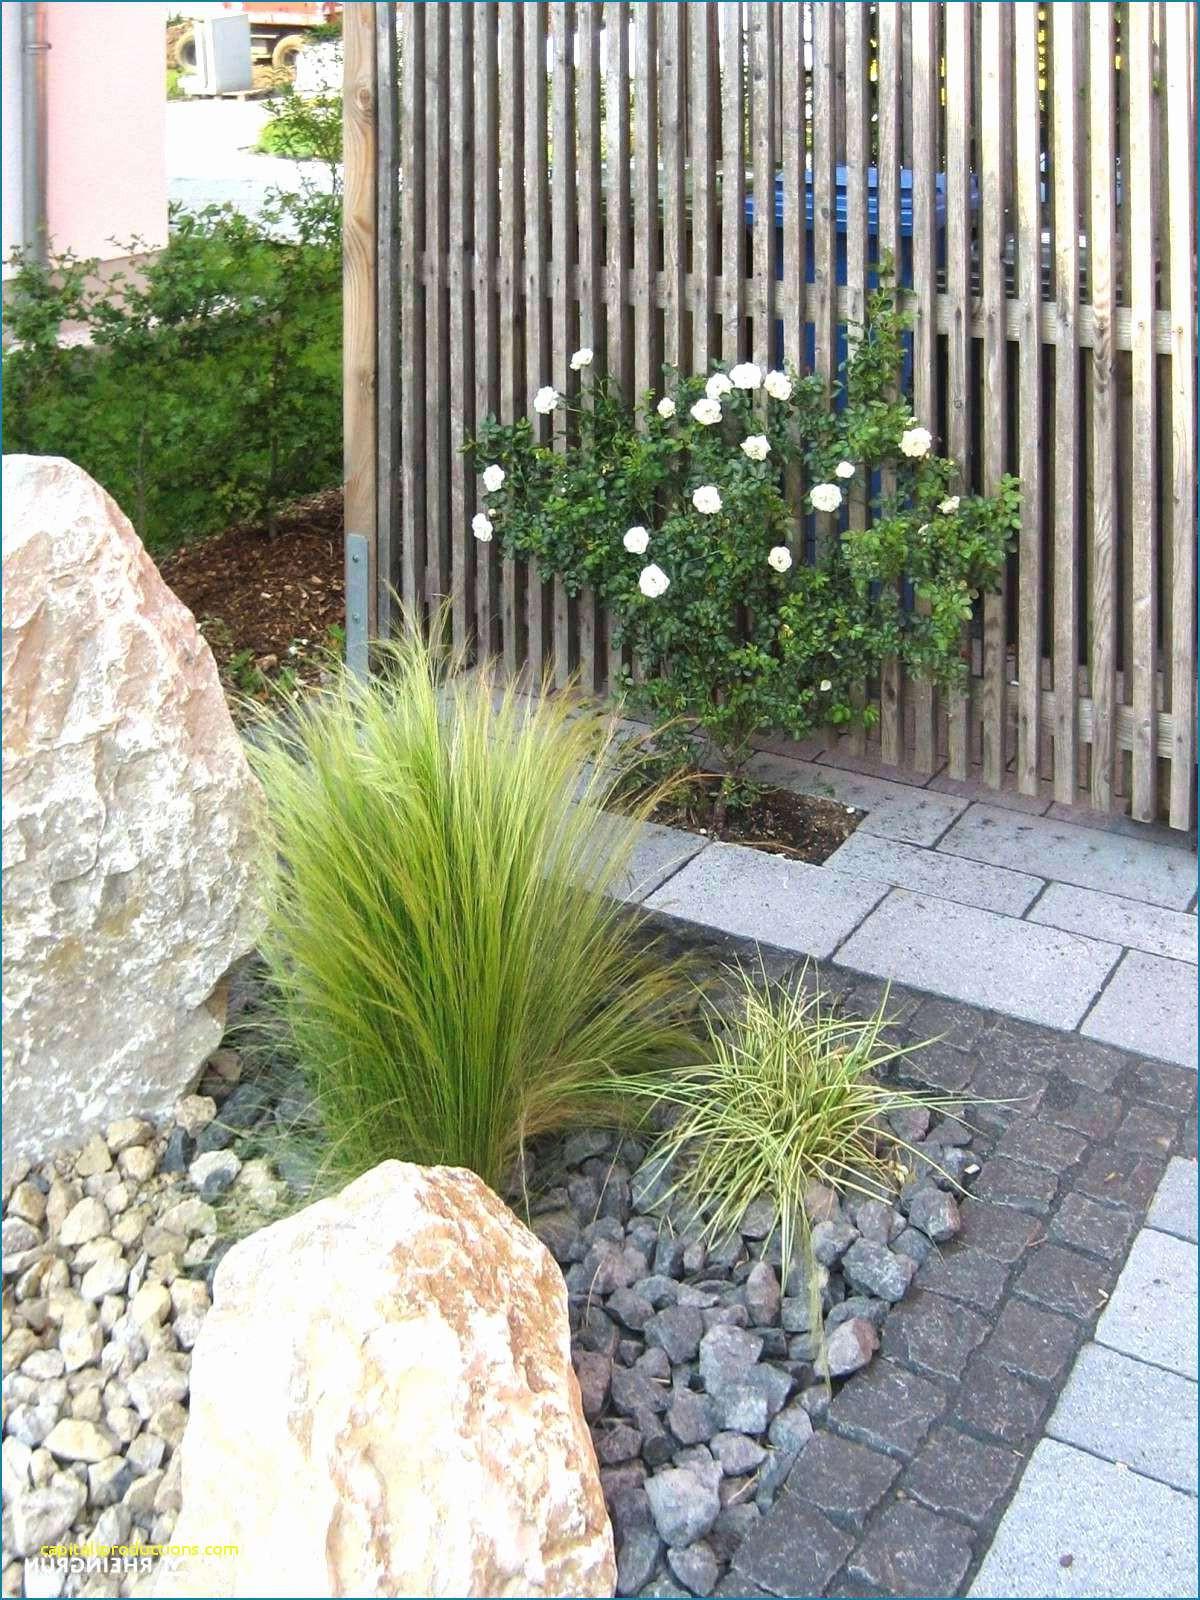 Gartenbeet Gestalten Elegant Garten Mit Blumen Gestalten Garten Gestalten Mit Wenig Geld